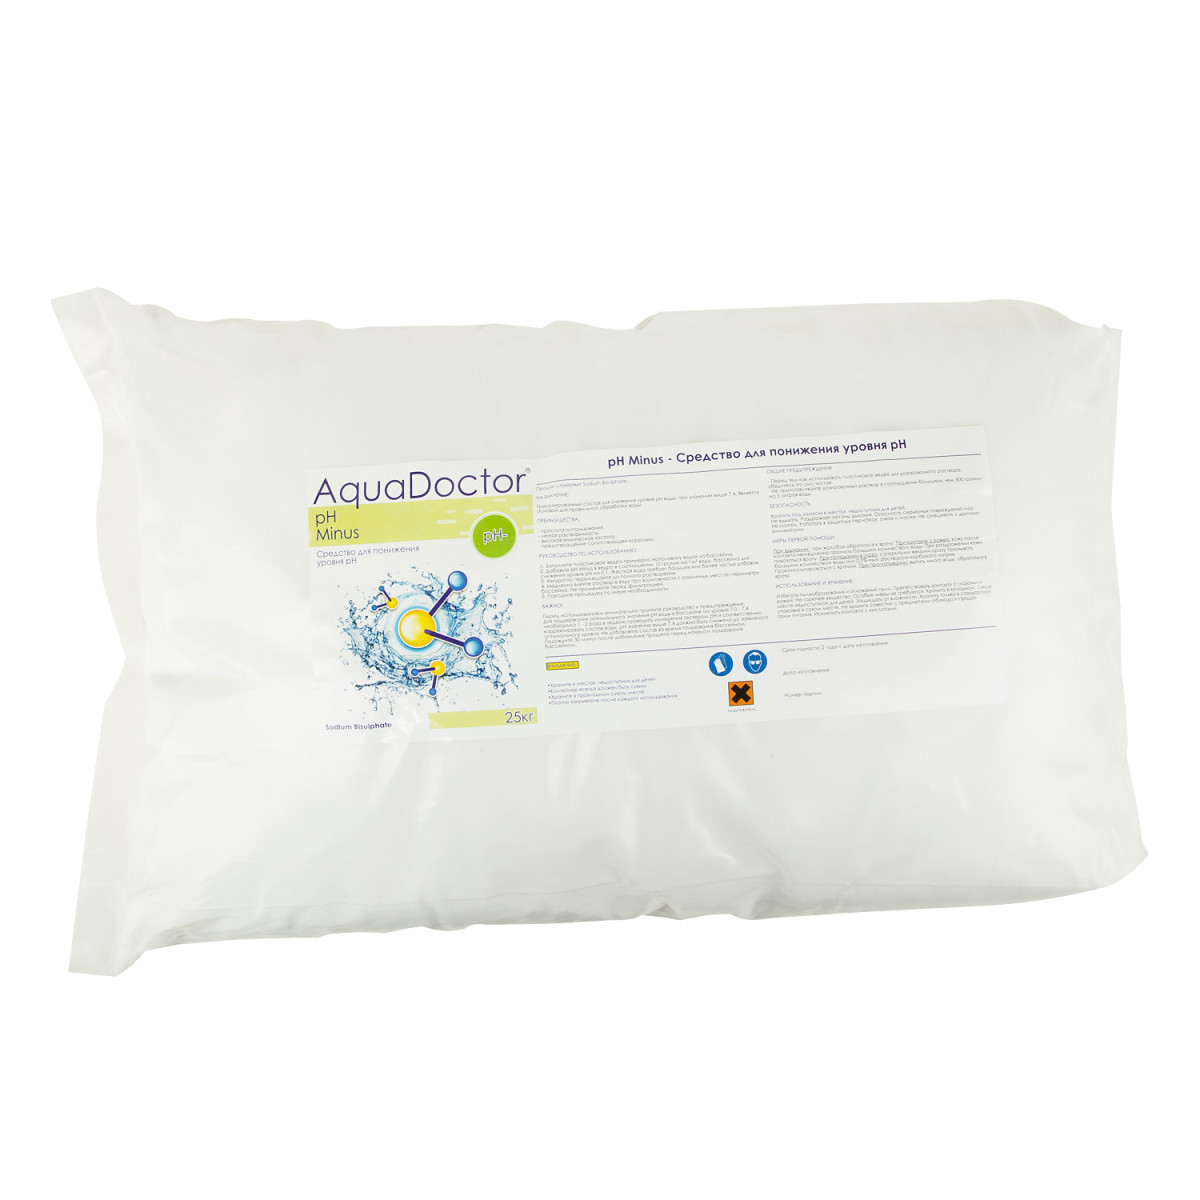 РН Minus, 25кг, засіб для зниження рівня pH, AquaDoctor